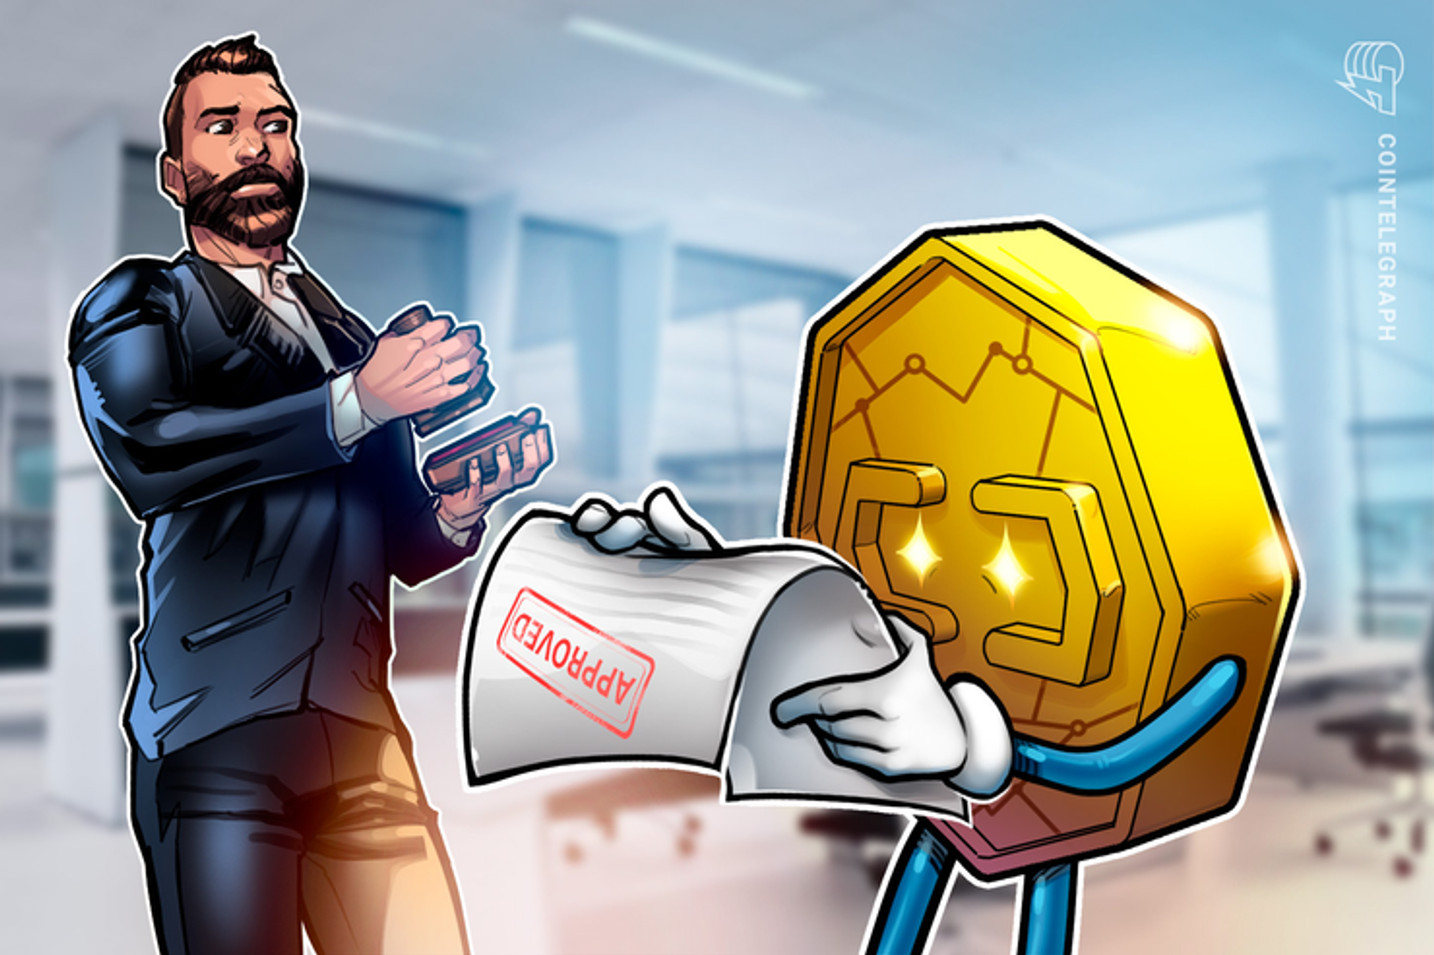 Revista sobre Bitcoin e Blockchain focada em advogados será lançada no Brasil